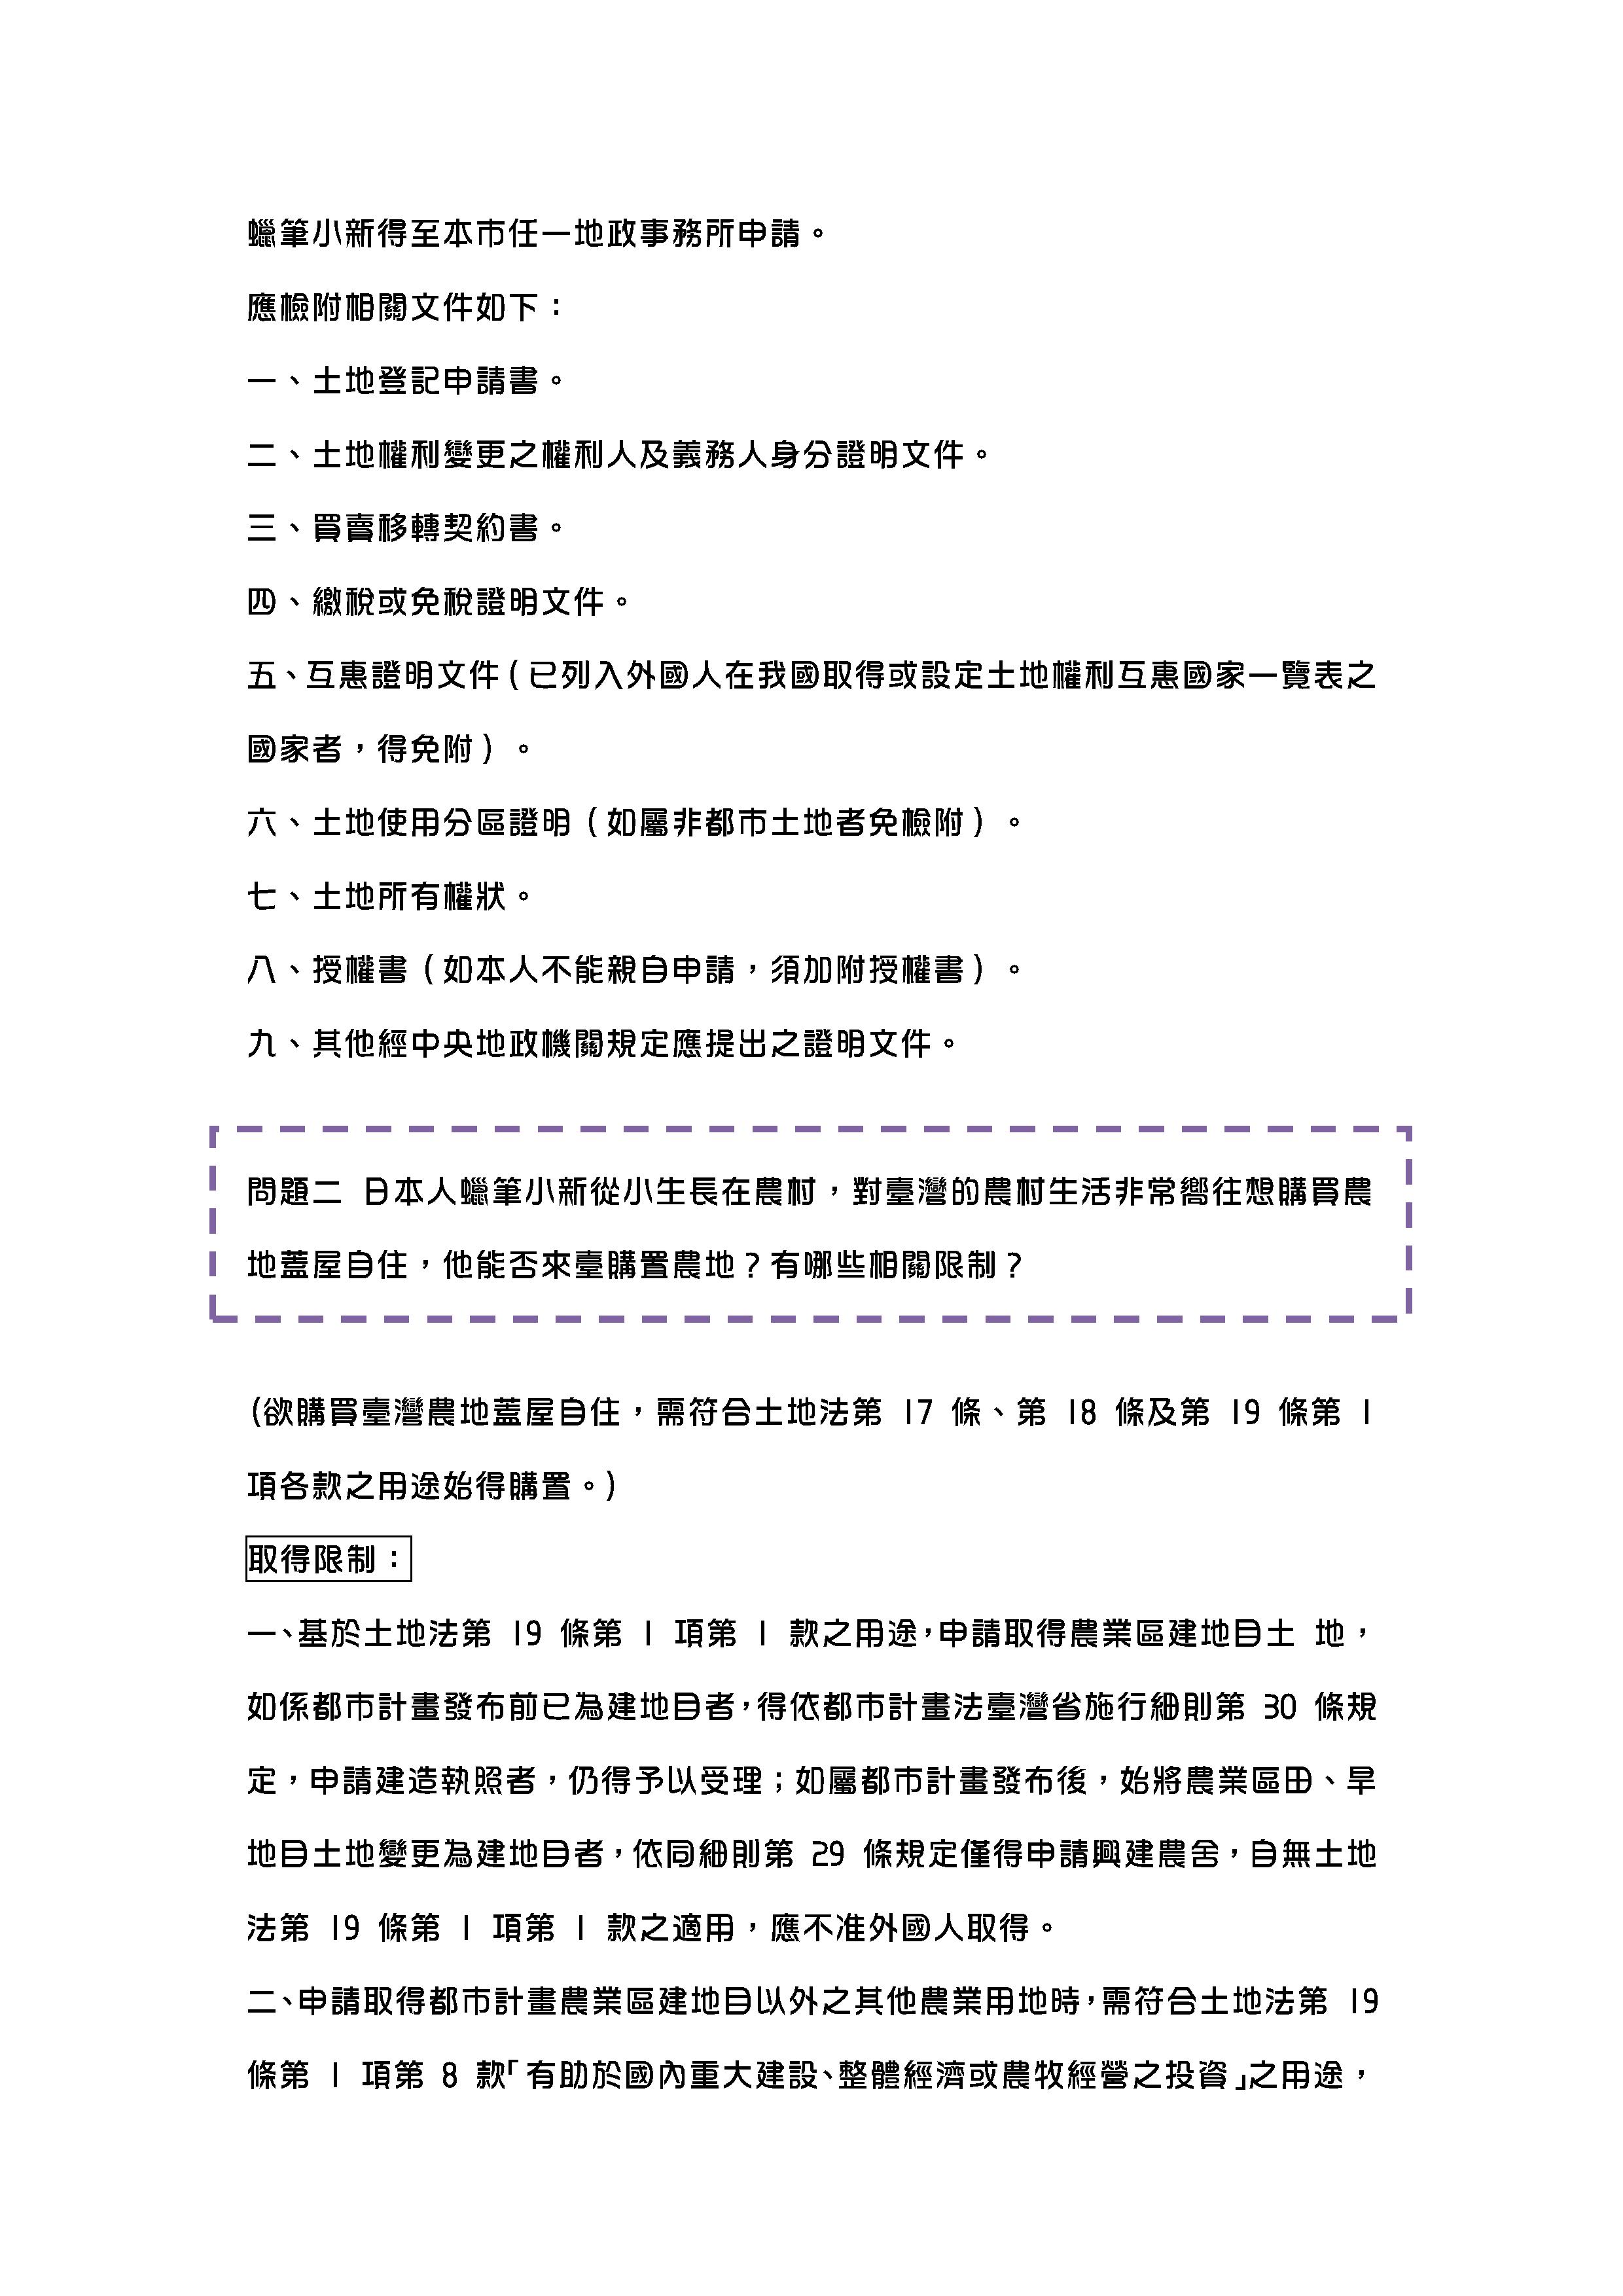 外國人常見問與答-(問題二)蠟筆小新從小生長在農村,對臺灣生活非常嚮往想購買地蓋屋自住,他能否來臺購置農地?